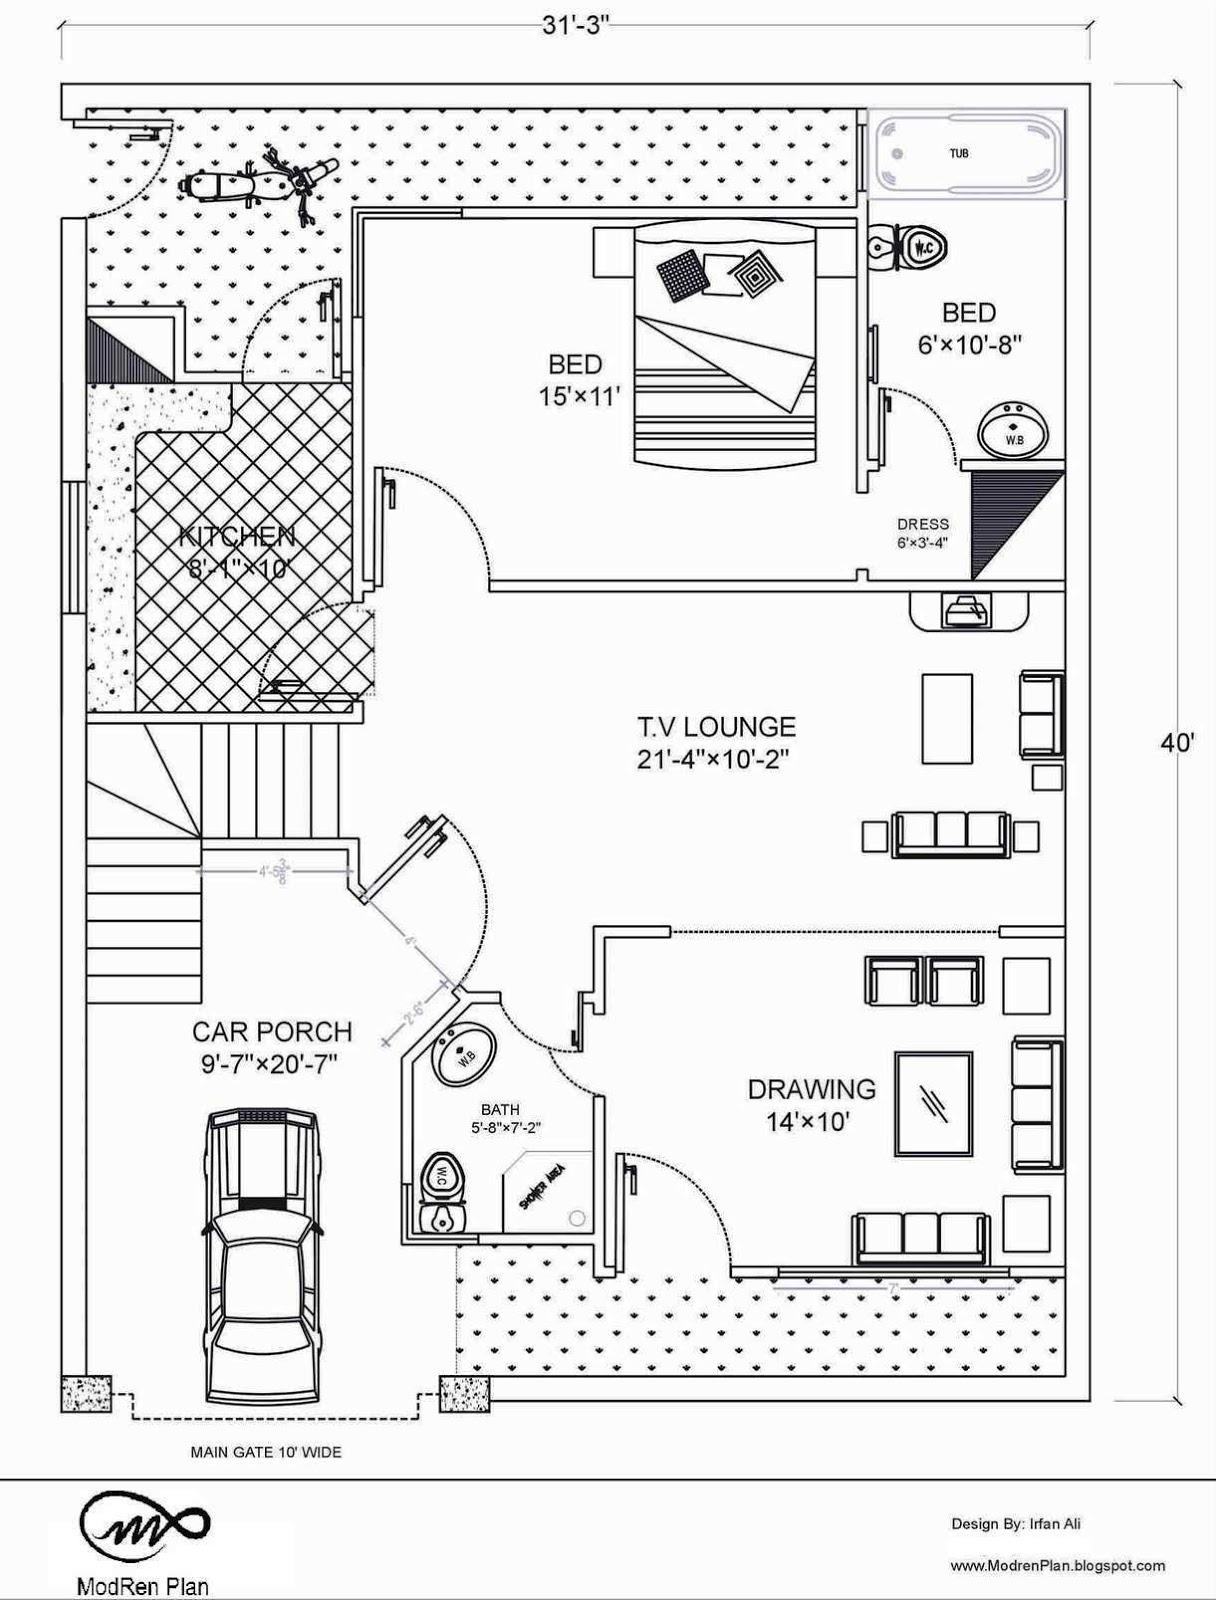 5 marla floor plan 30 x40 feet